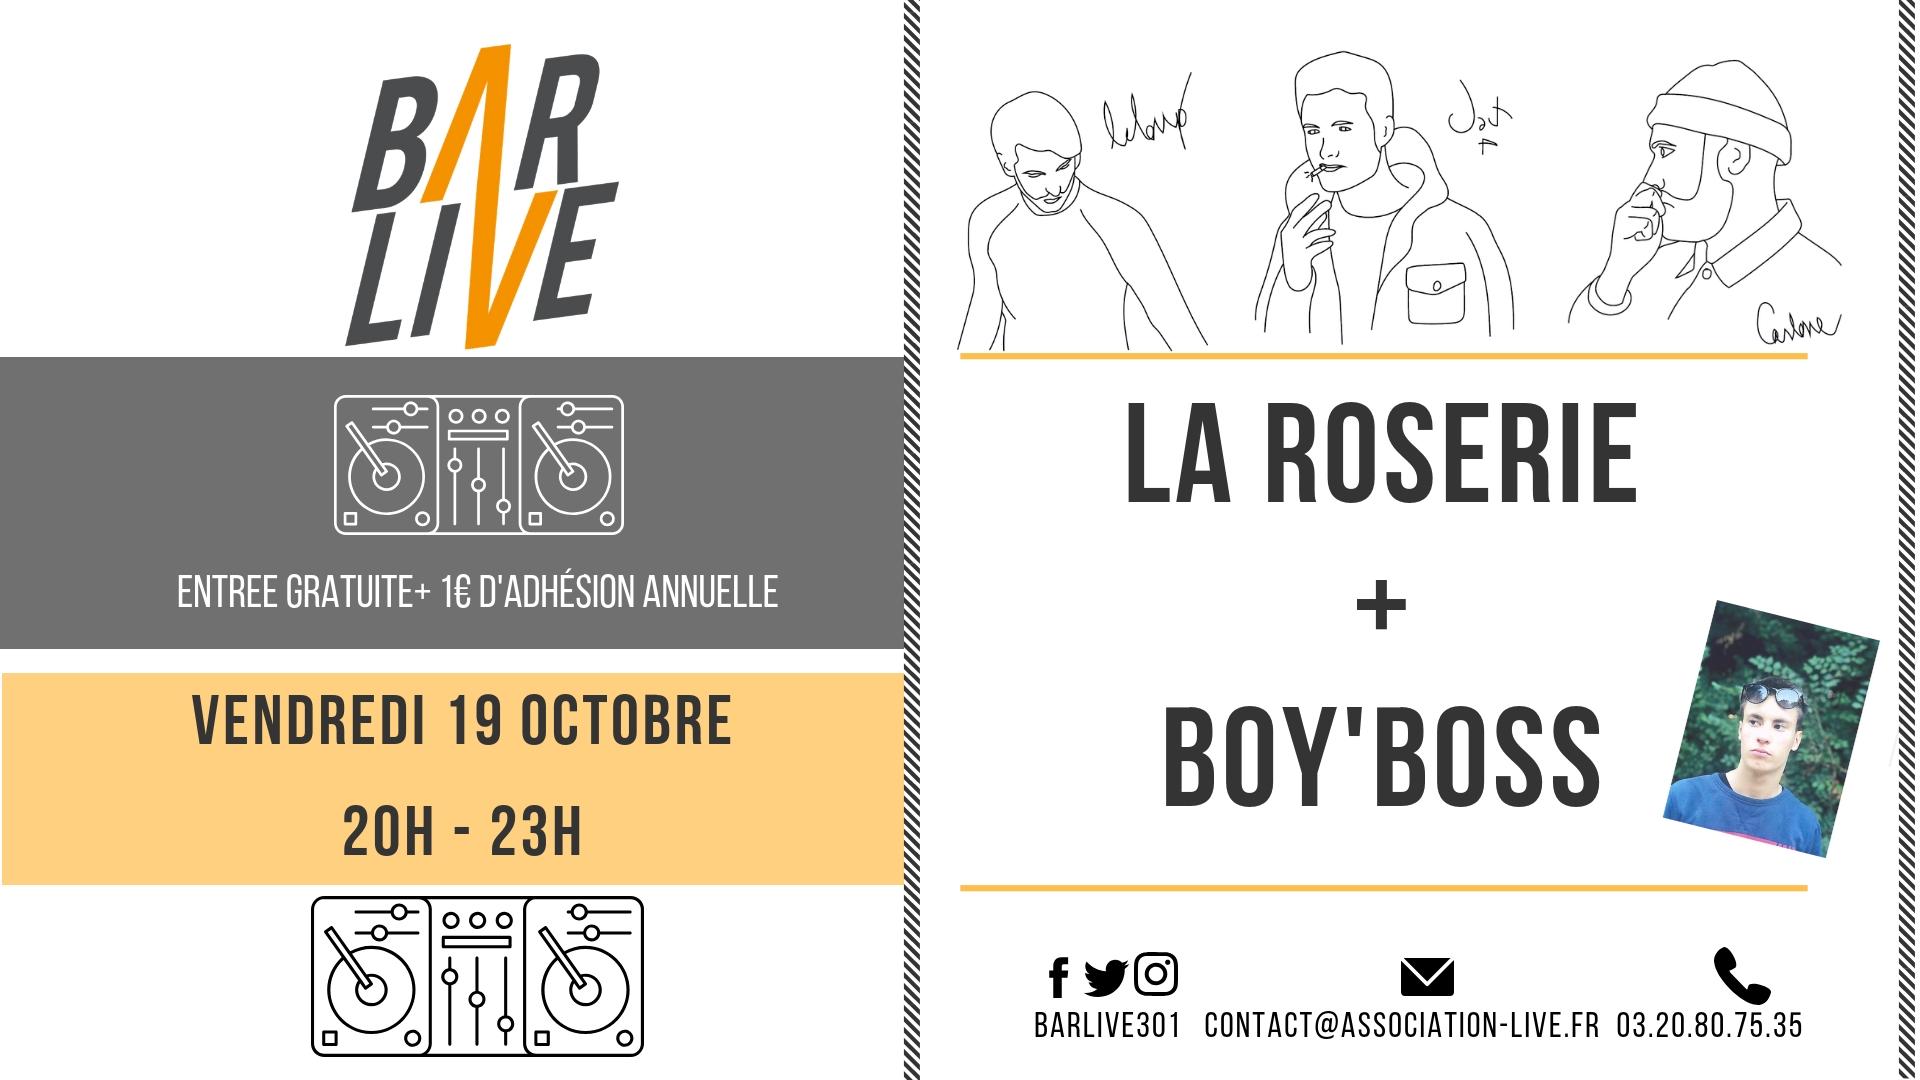 La Roserie + Boy'boss au Bar Live